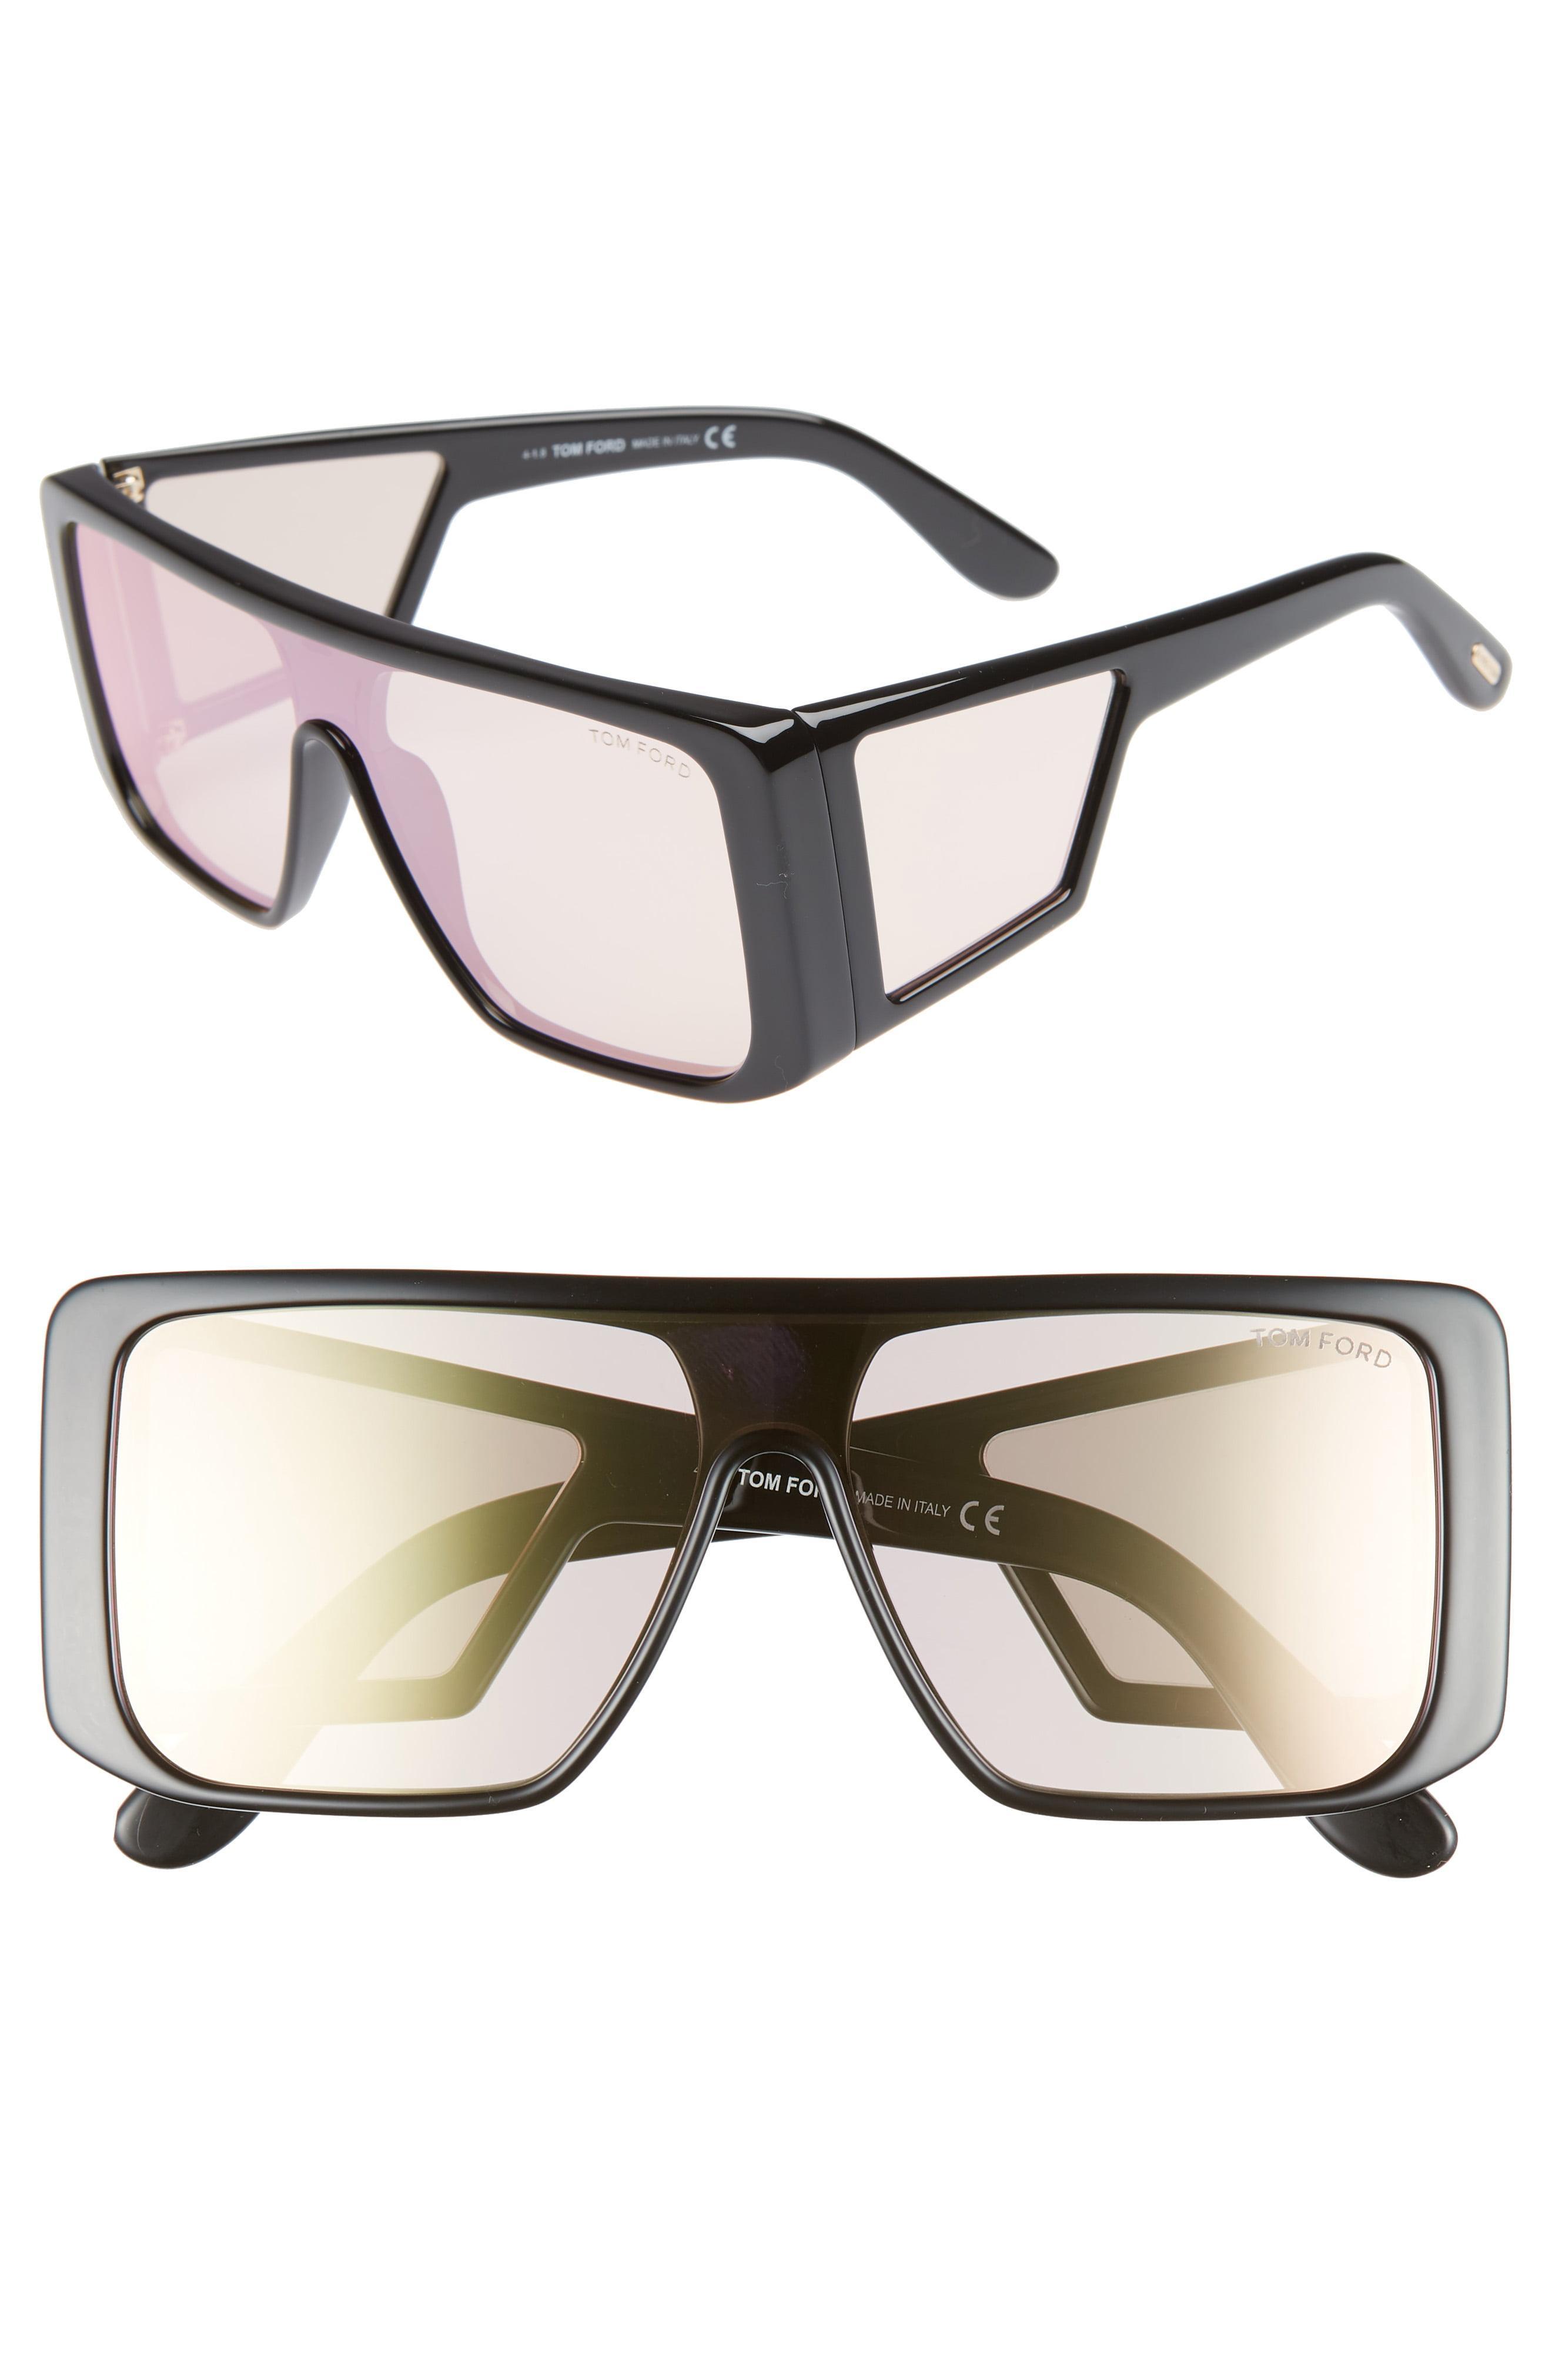 f5a2f1a083 Lyst - Tom Ford 132mm Atticus Shield Sunglasses -